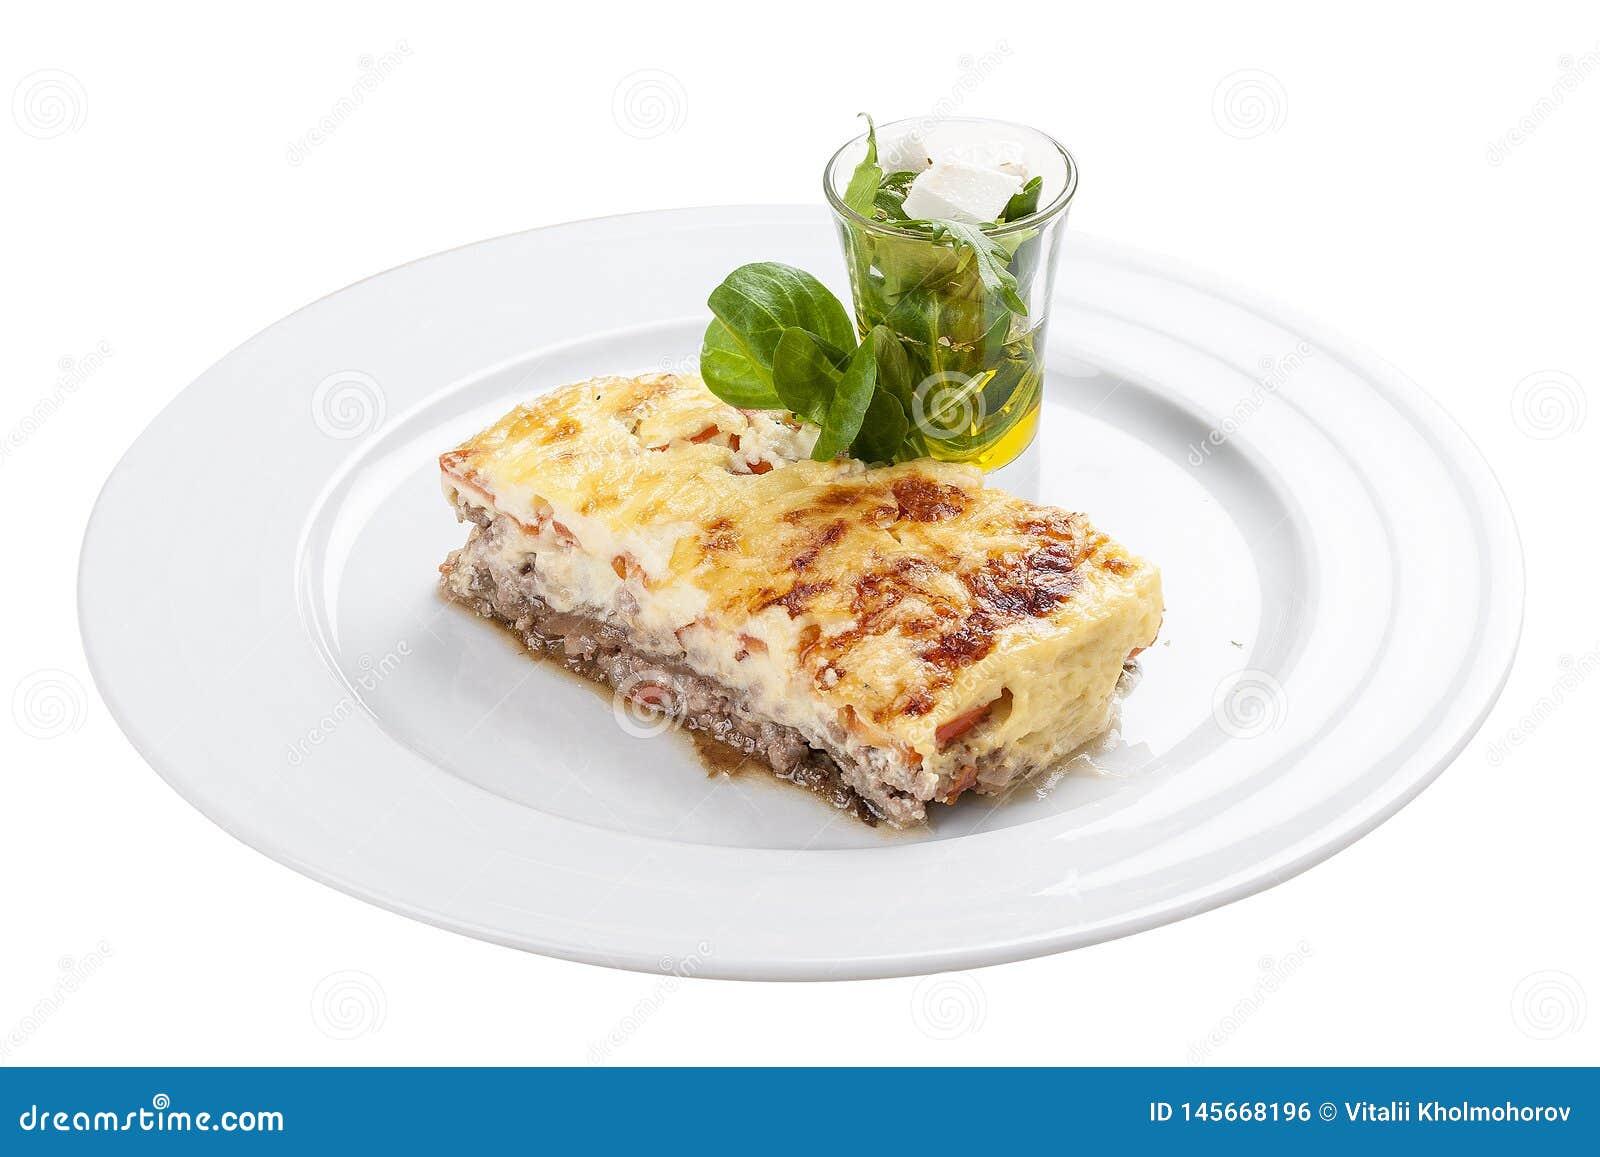 Moussaka Un plato griego tradicional